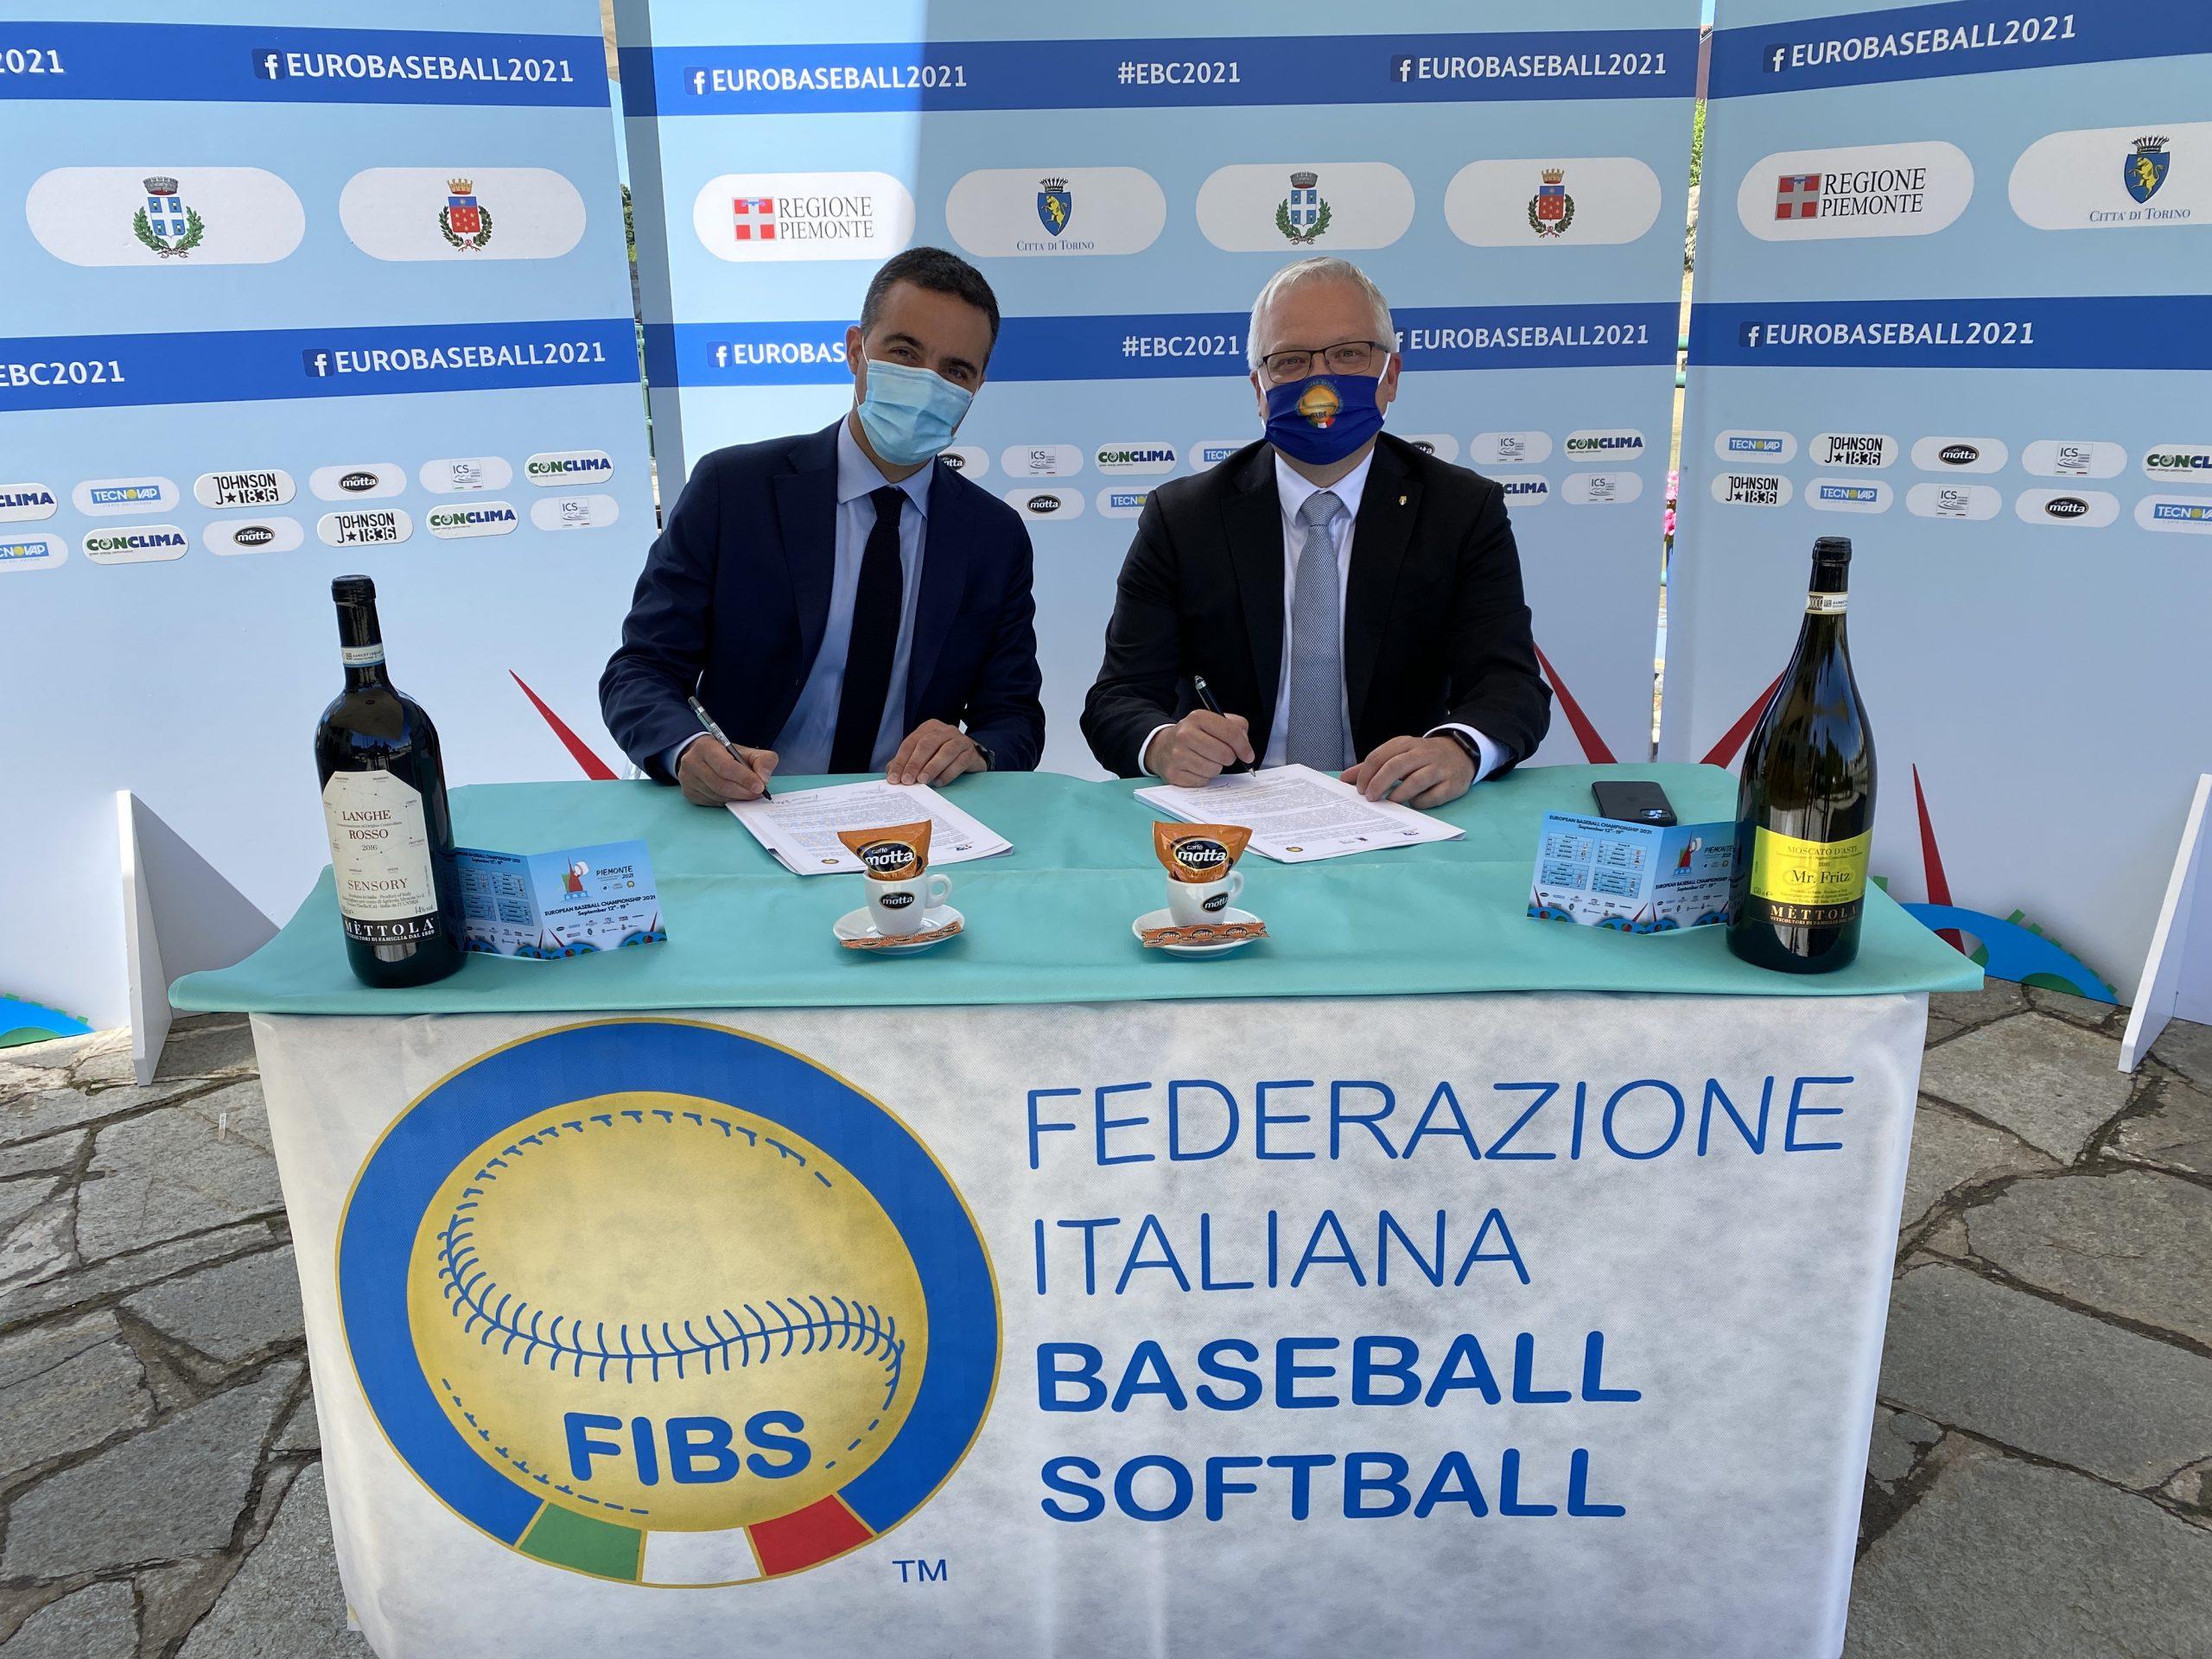 Europeo-Baseball-Piemonte-2021-Presentati-il-calendario-e-la-charity-partnership-con-la-Fondazione-Piemontese-per-la-Ricerca-sul-Cancro